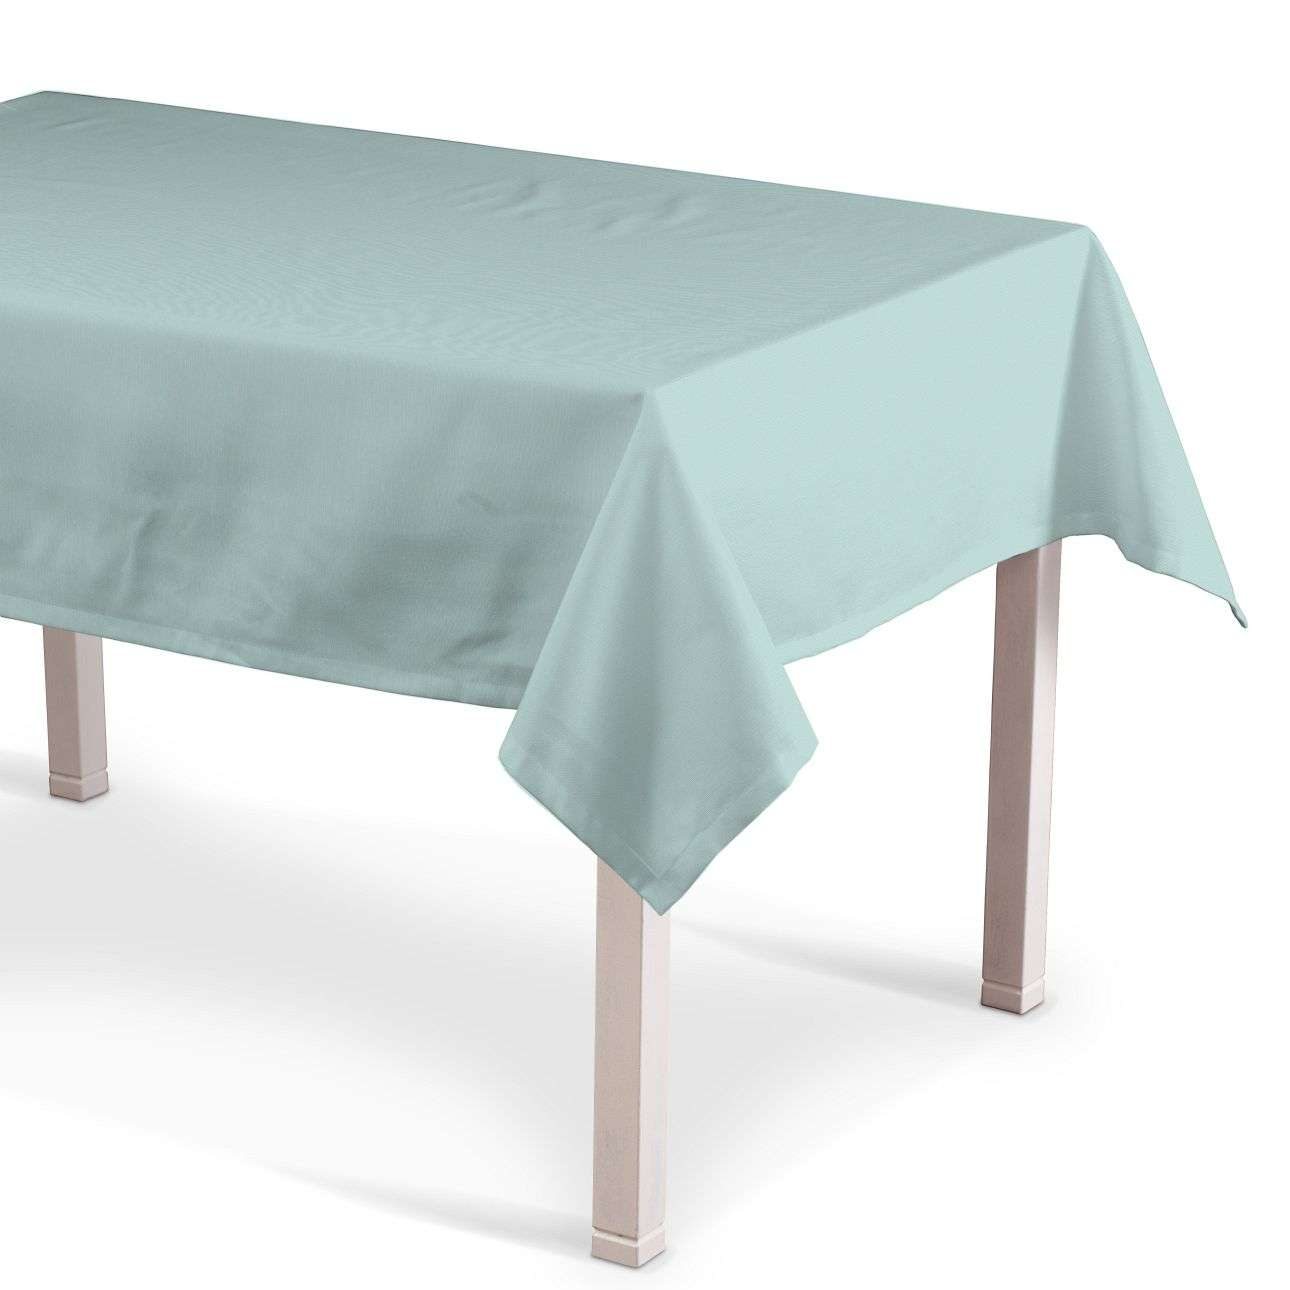 Rechteckige Tischdecke 130 x 130 cm von der Kollektion Cotton Panama, Stoff: 702-10